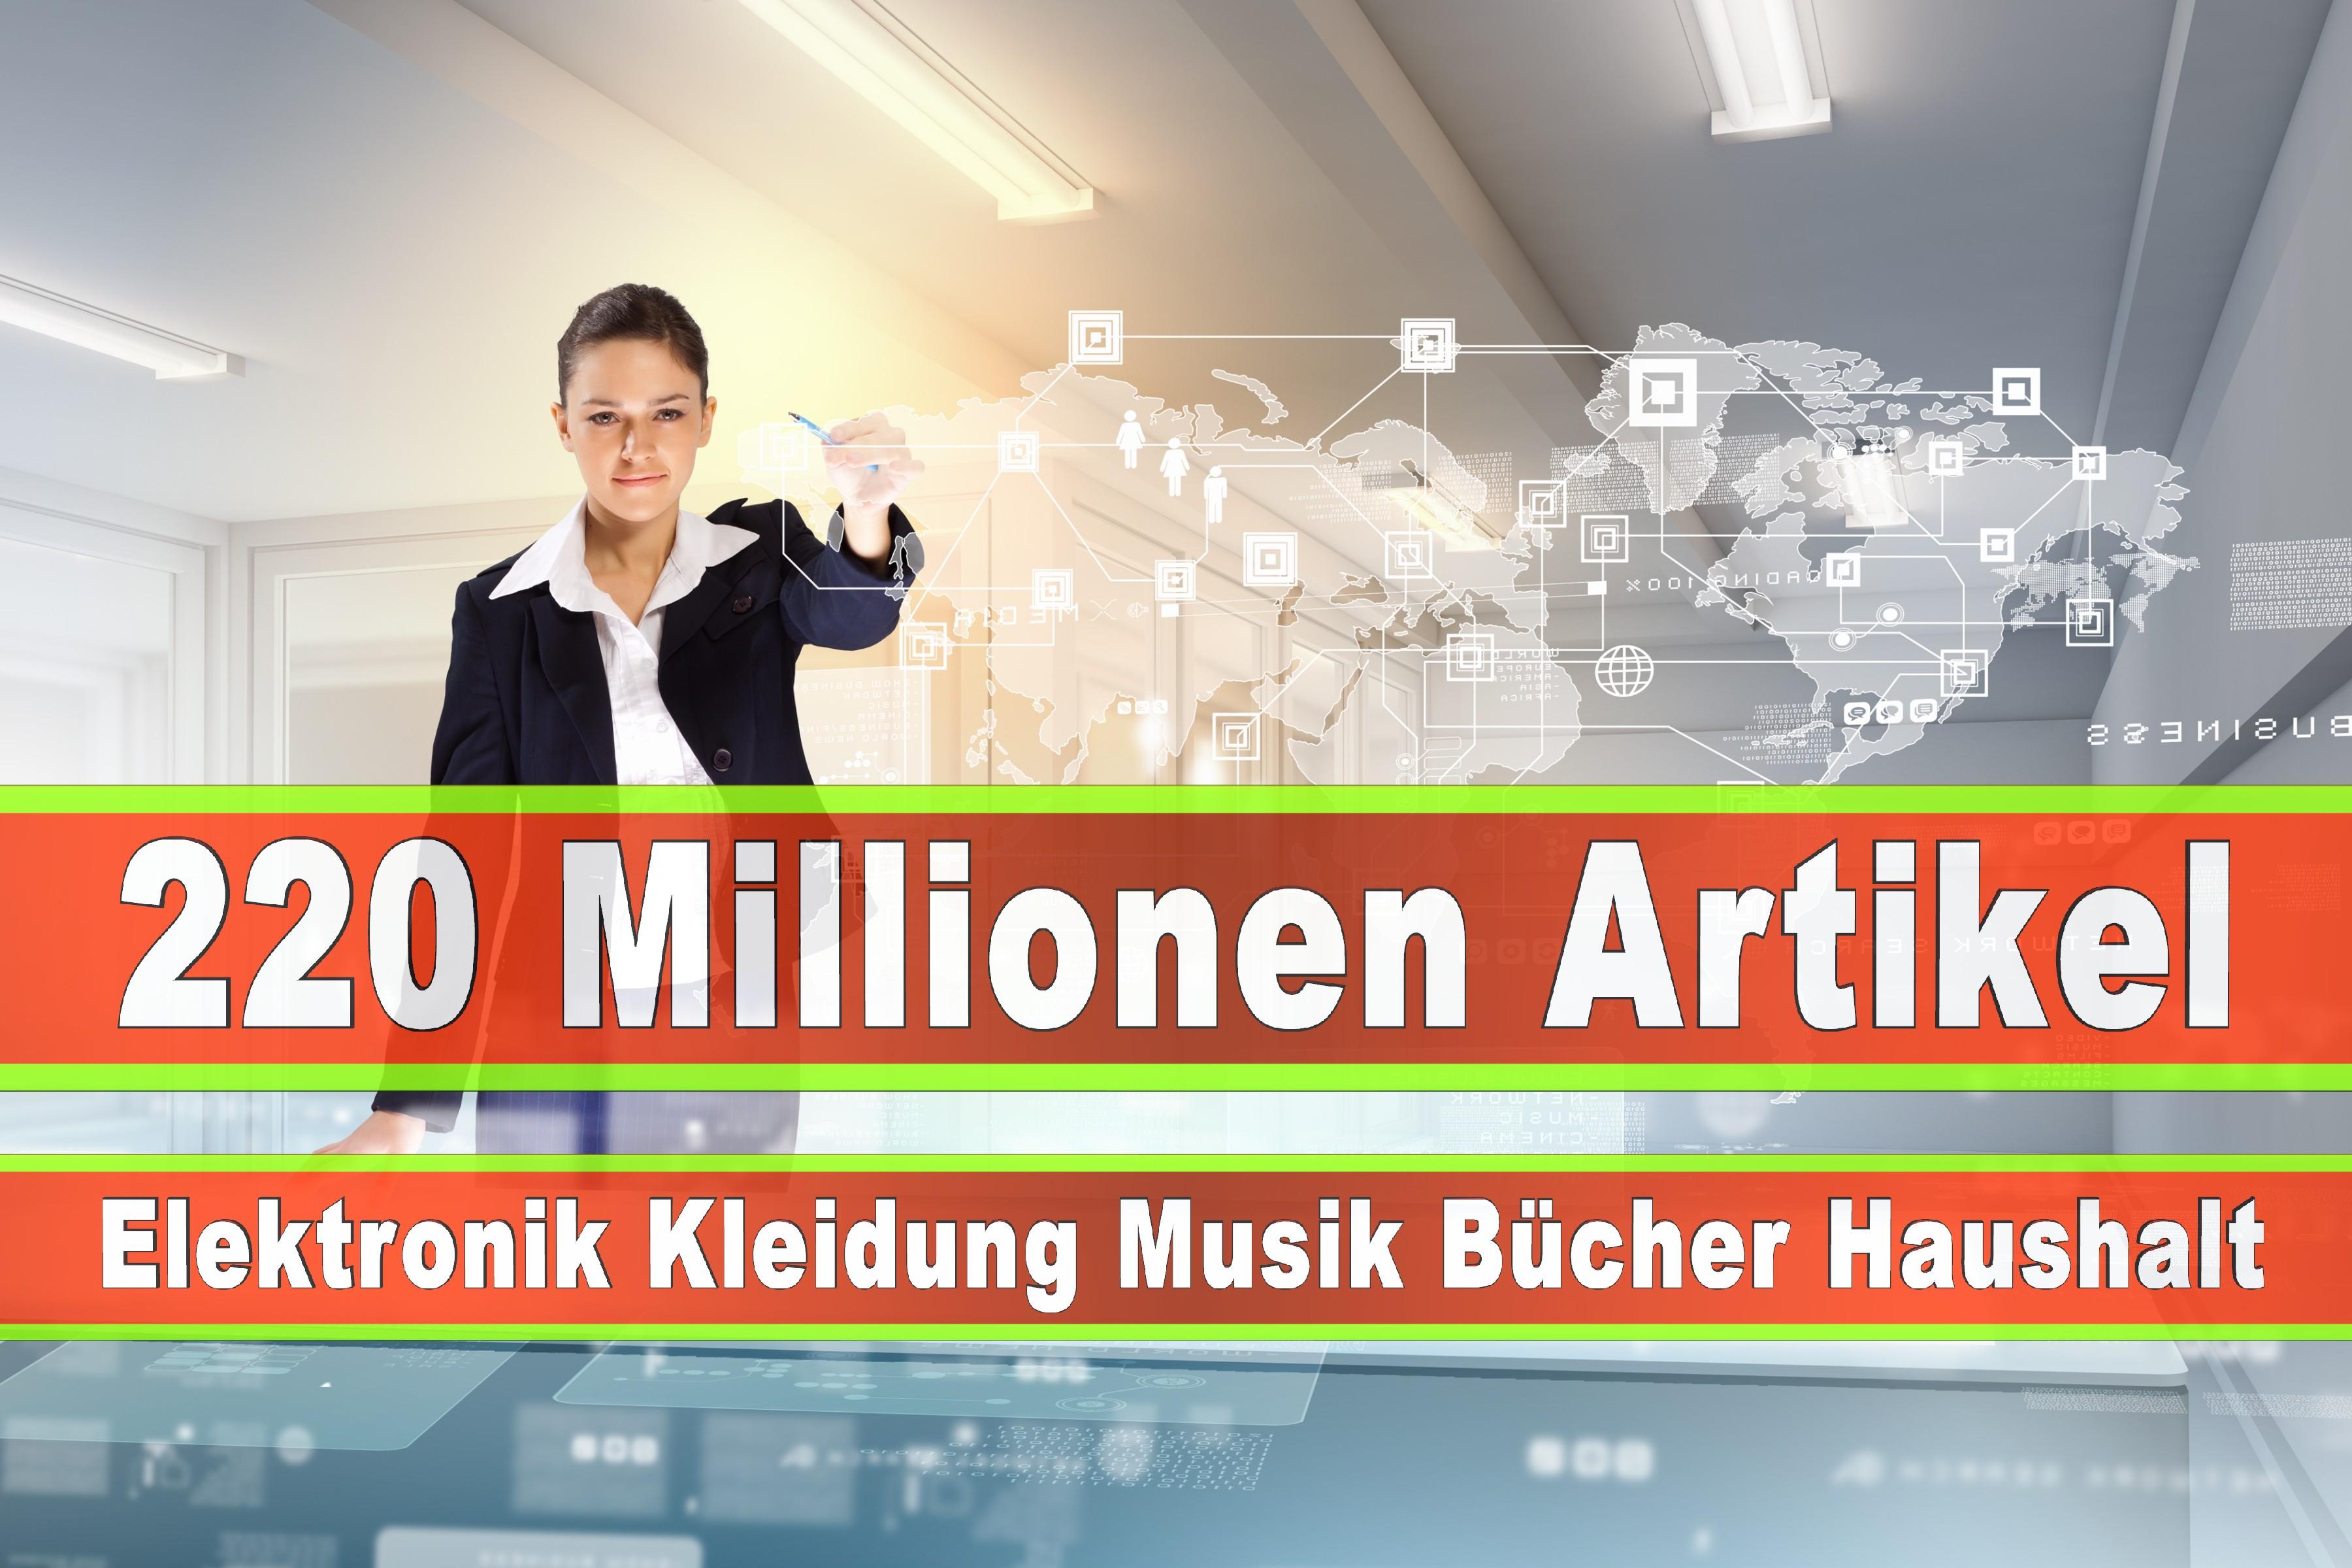 Amazon Elektronik Musik Haushalt Bücher CD DVD Handys Smartphones TV Television Fernseher Kleidung Mode Ebay Versandhaus (30)